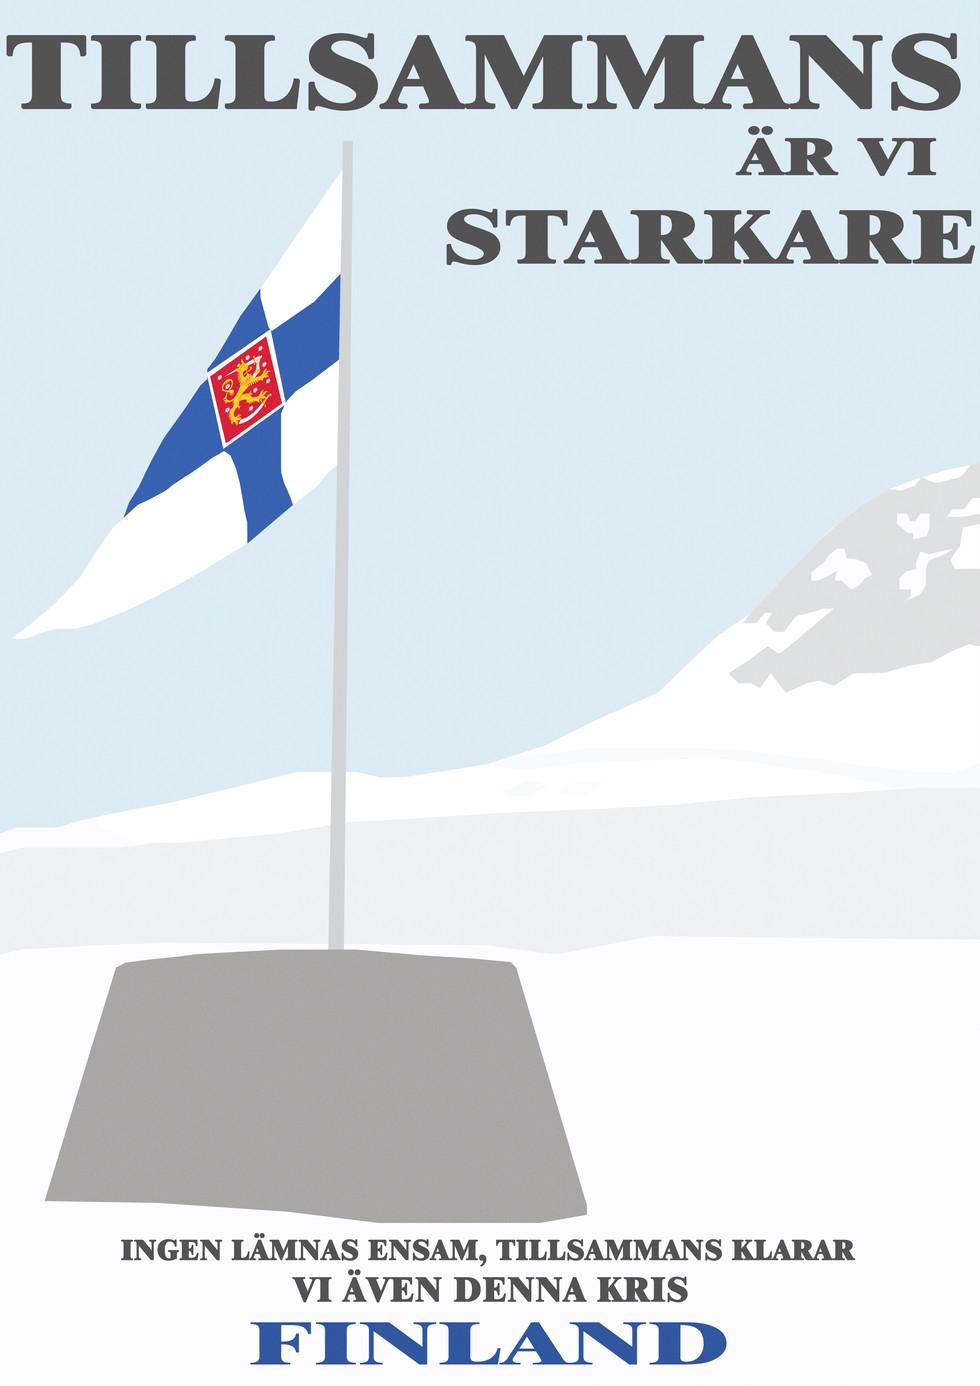 Ett enat Finland Poster